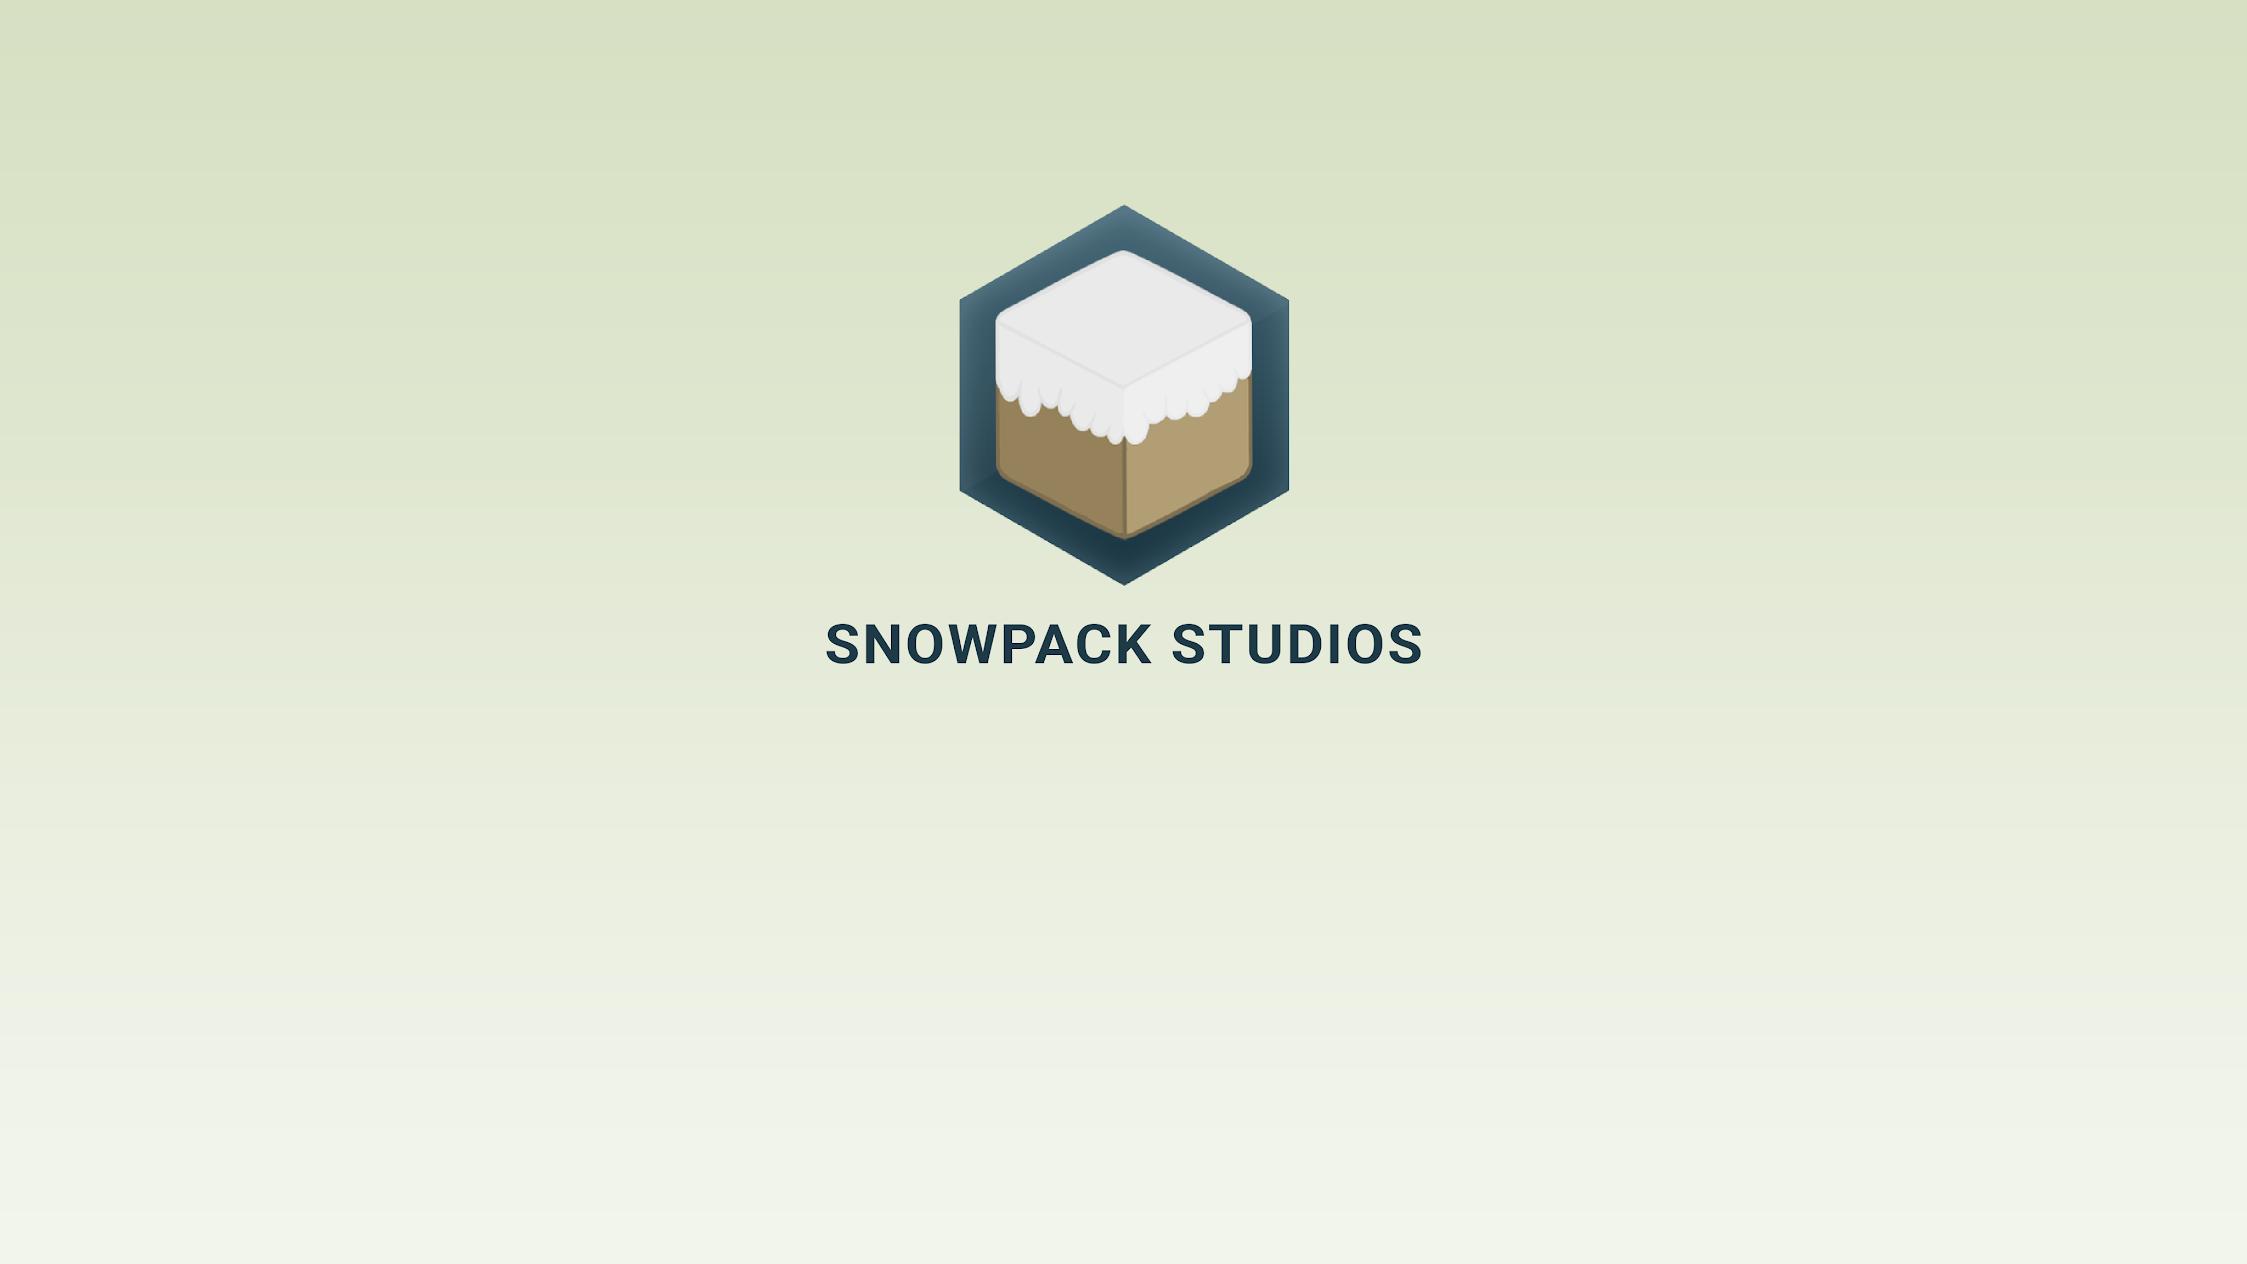 SnowPack Studios